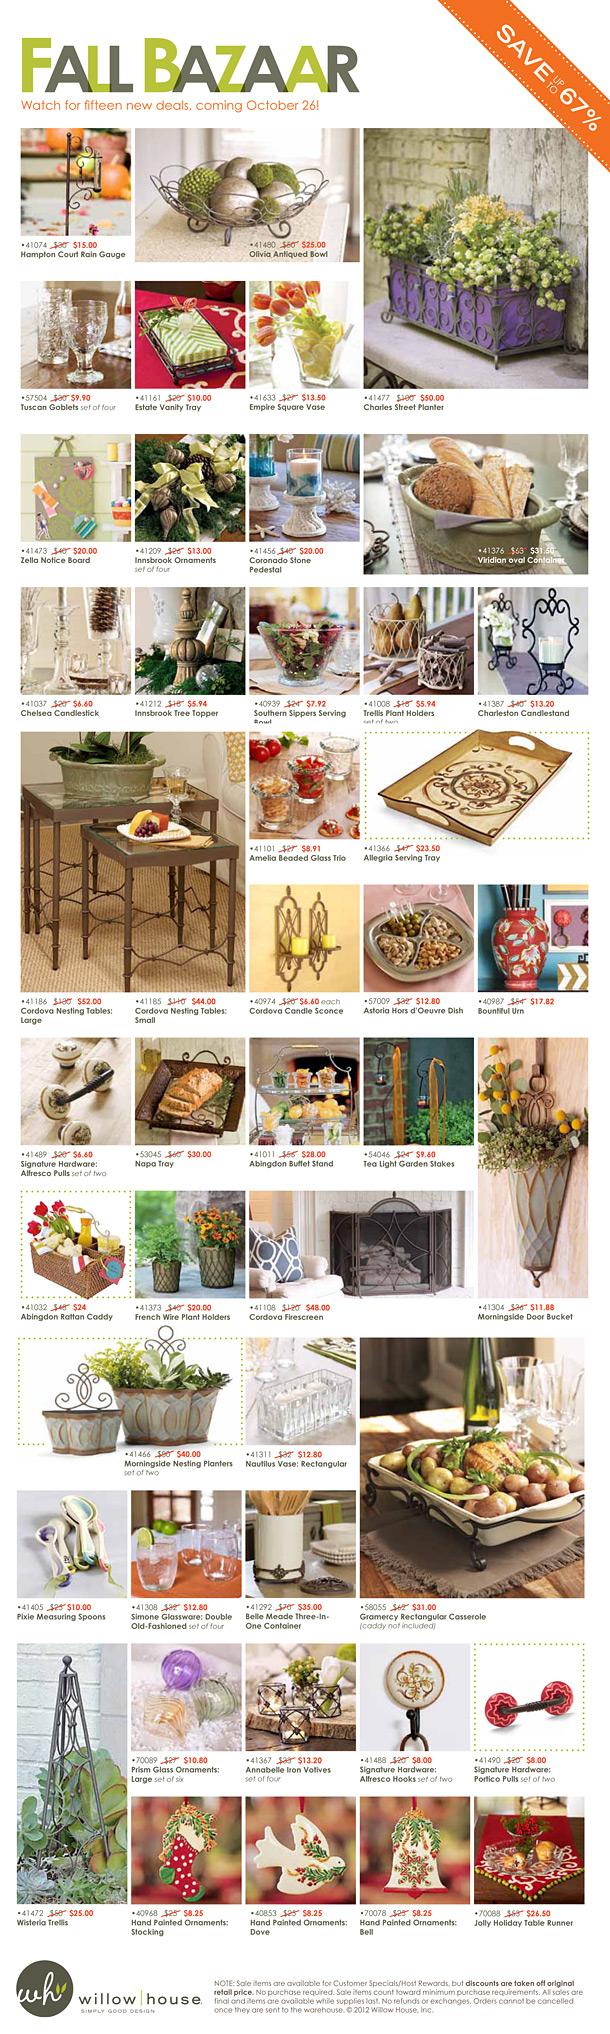 Willow House Fall Bazaar Oct 12